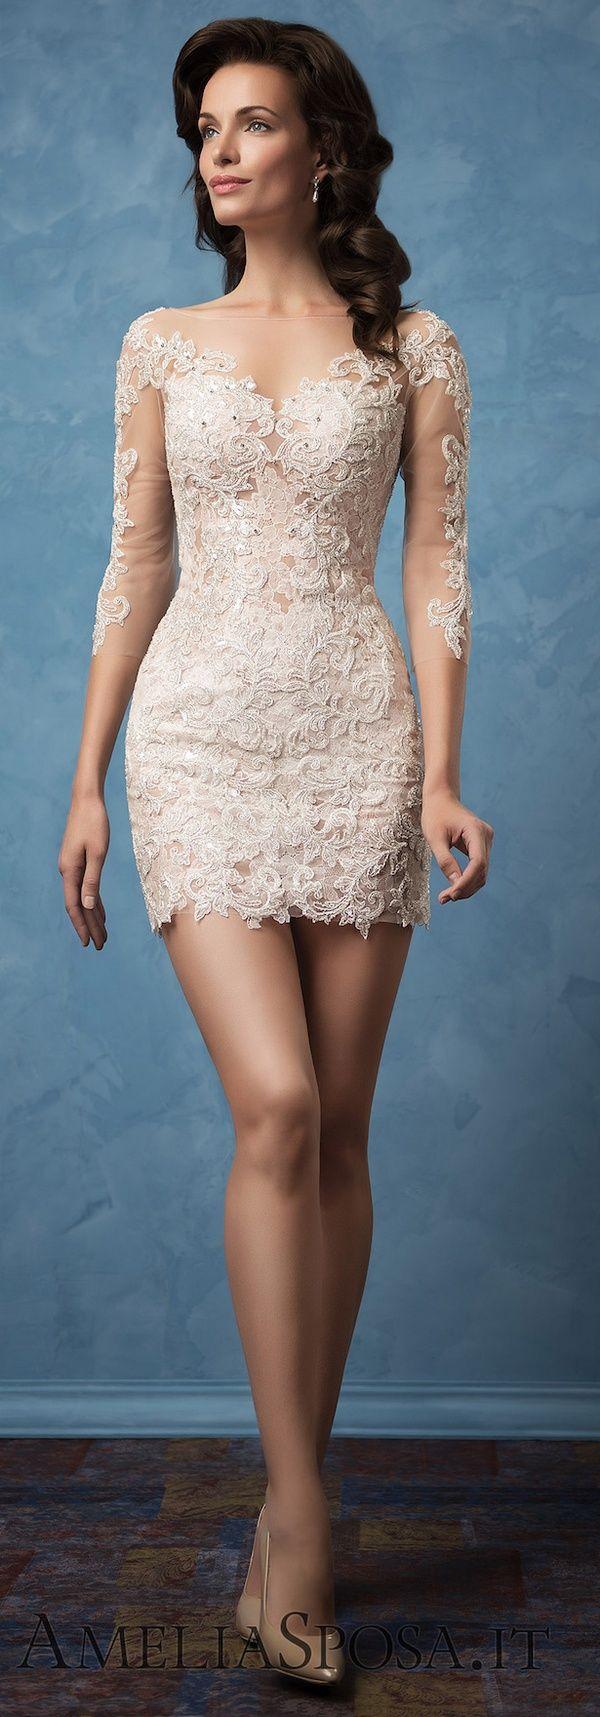 Amelia Sposa 2017 Wedding Dresses - Deer Pearl Flowers / http://www ...